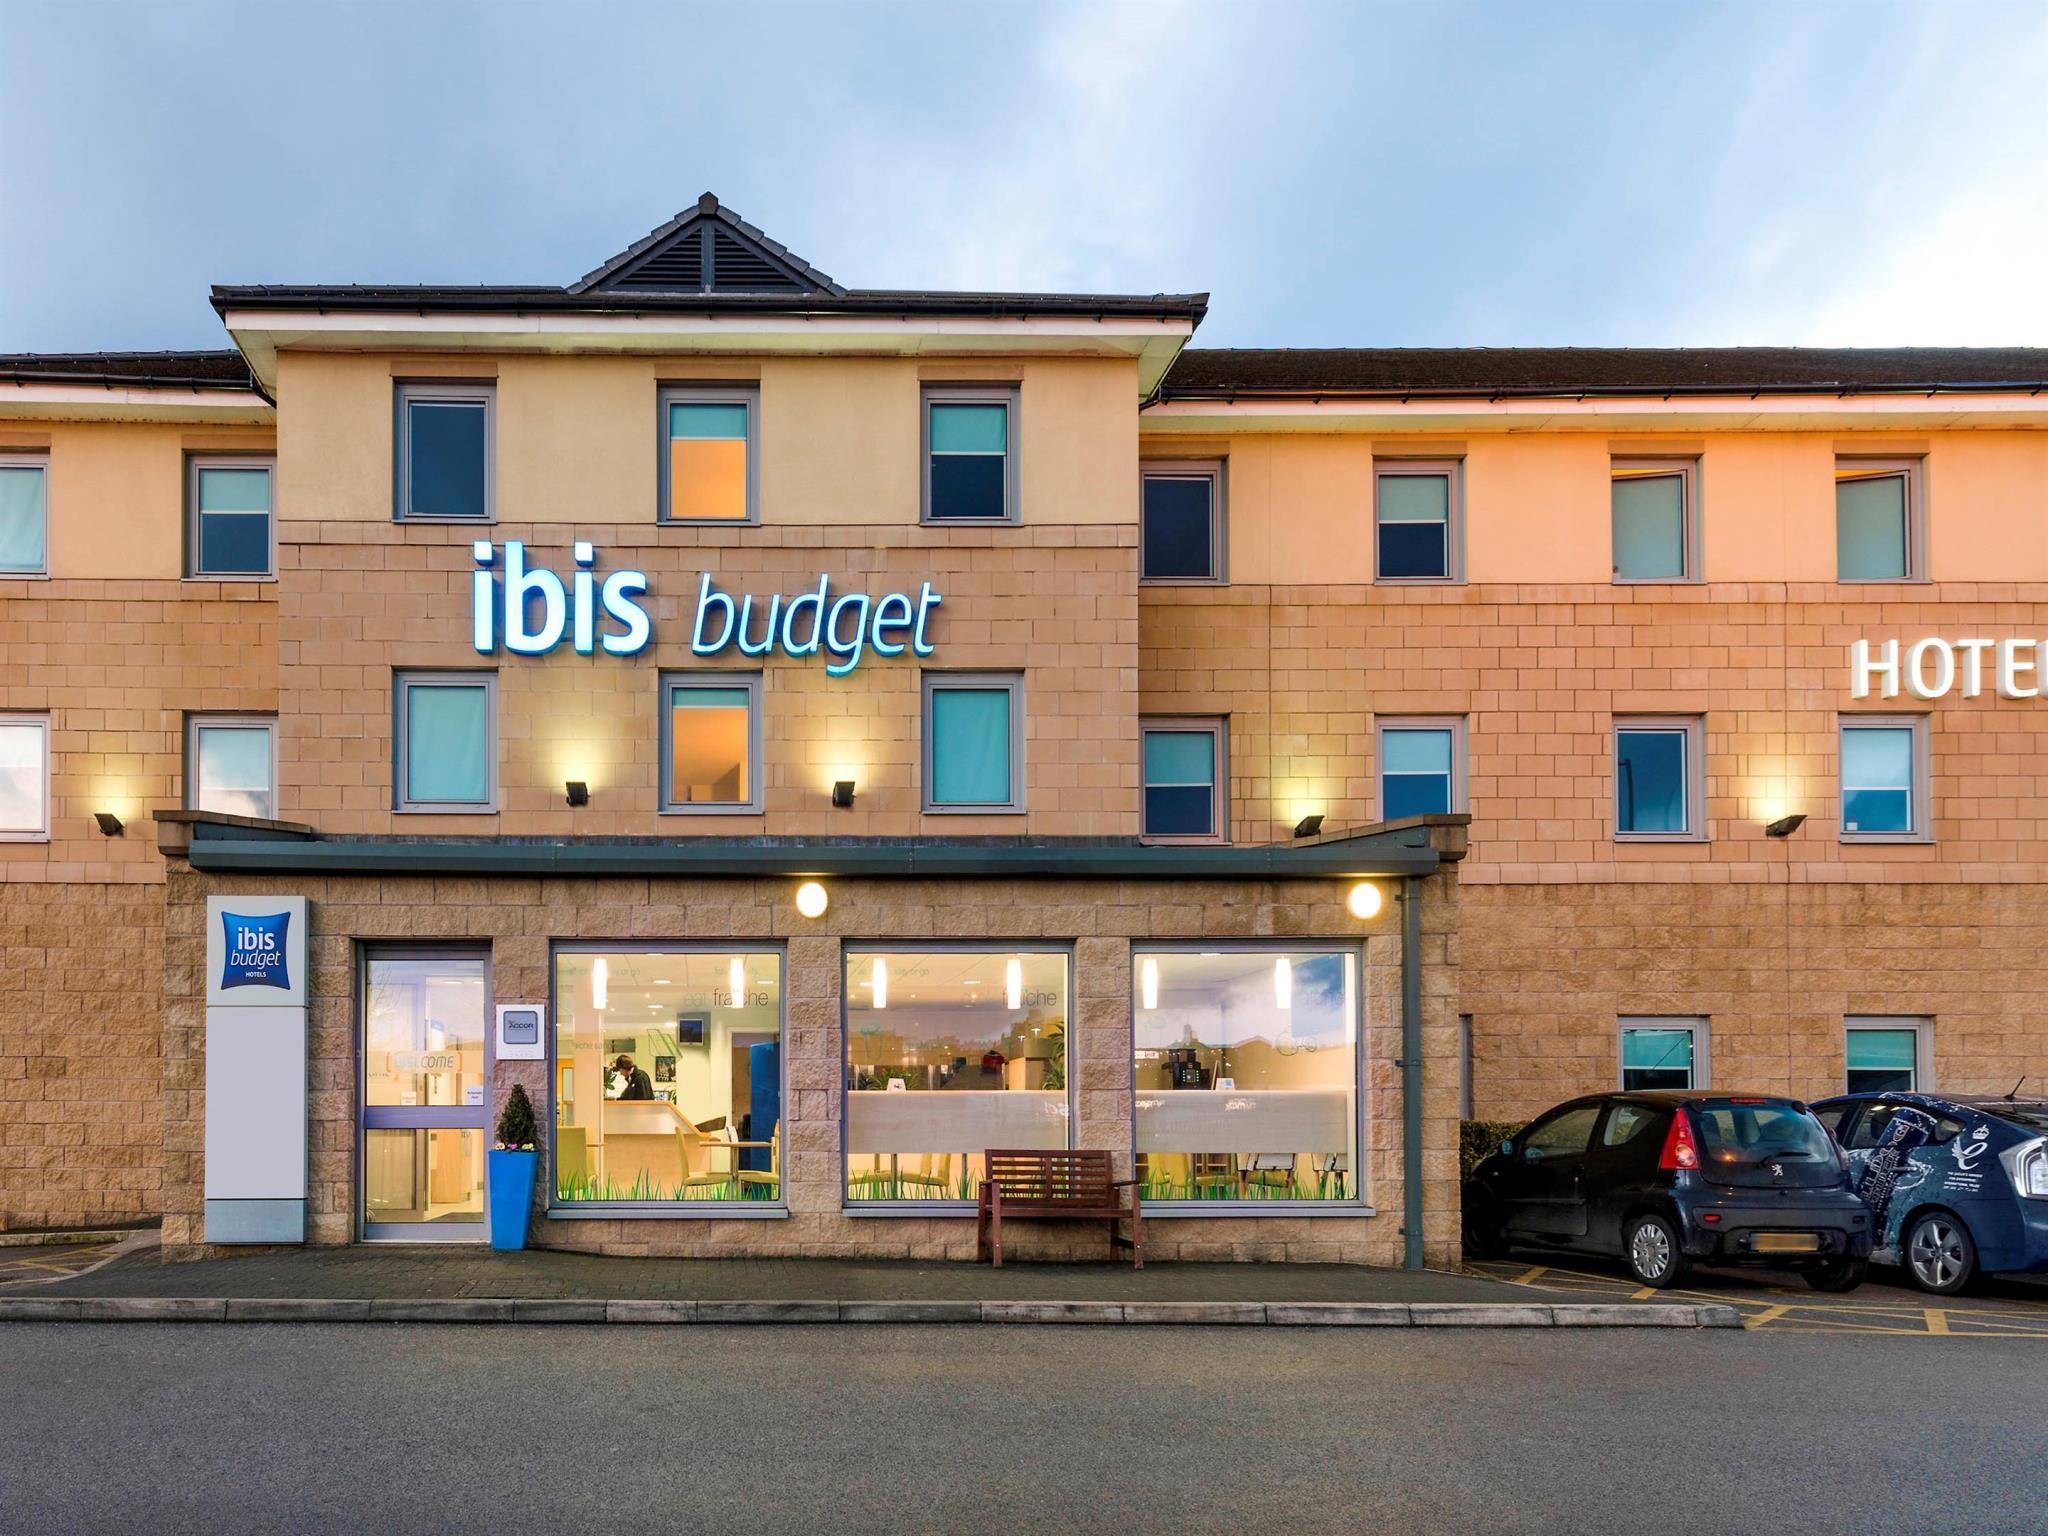 Ibis Budget Bradford, West Yorkshire